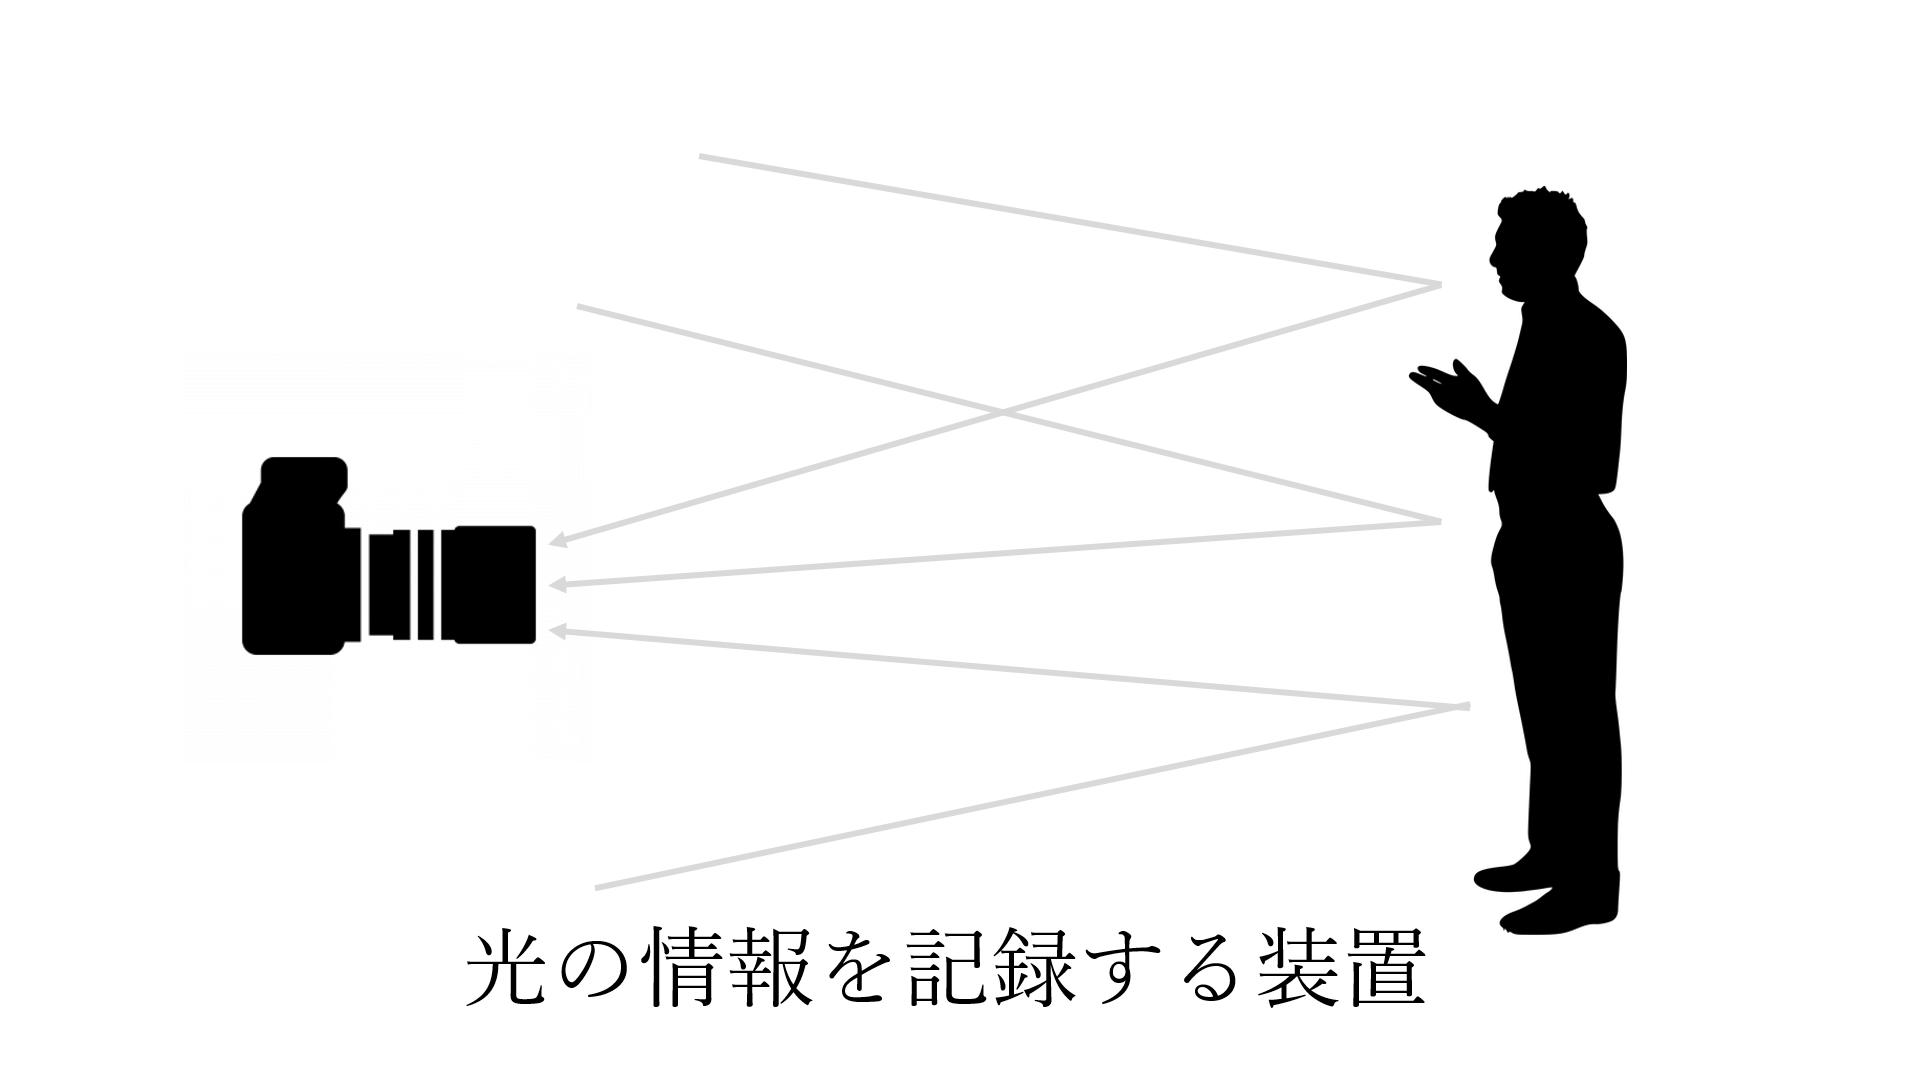 カメラの仕組み 図解 イラスト